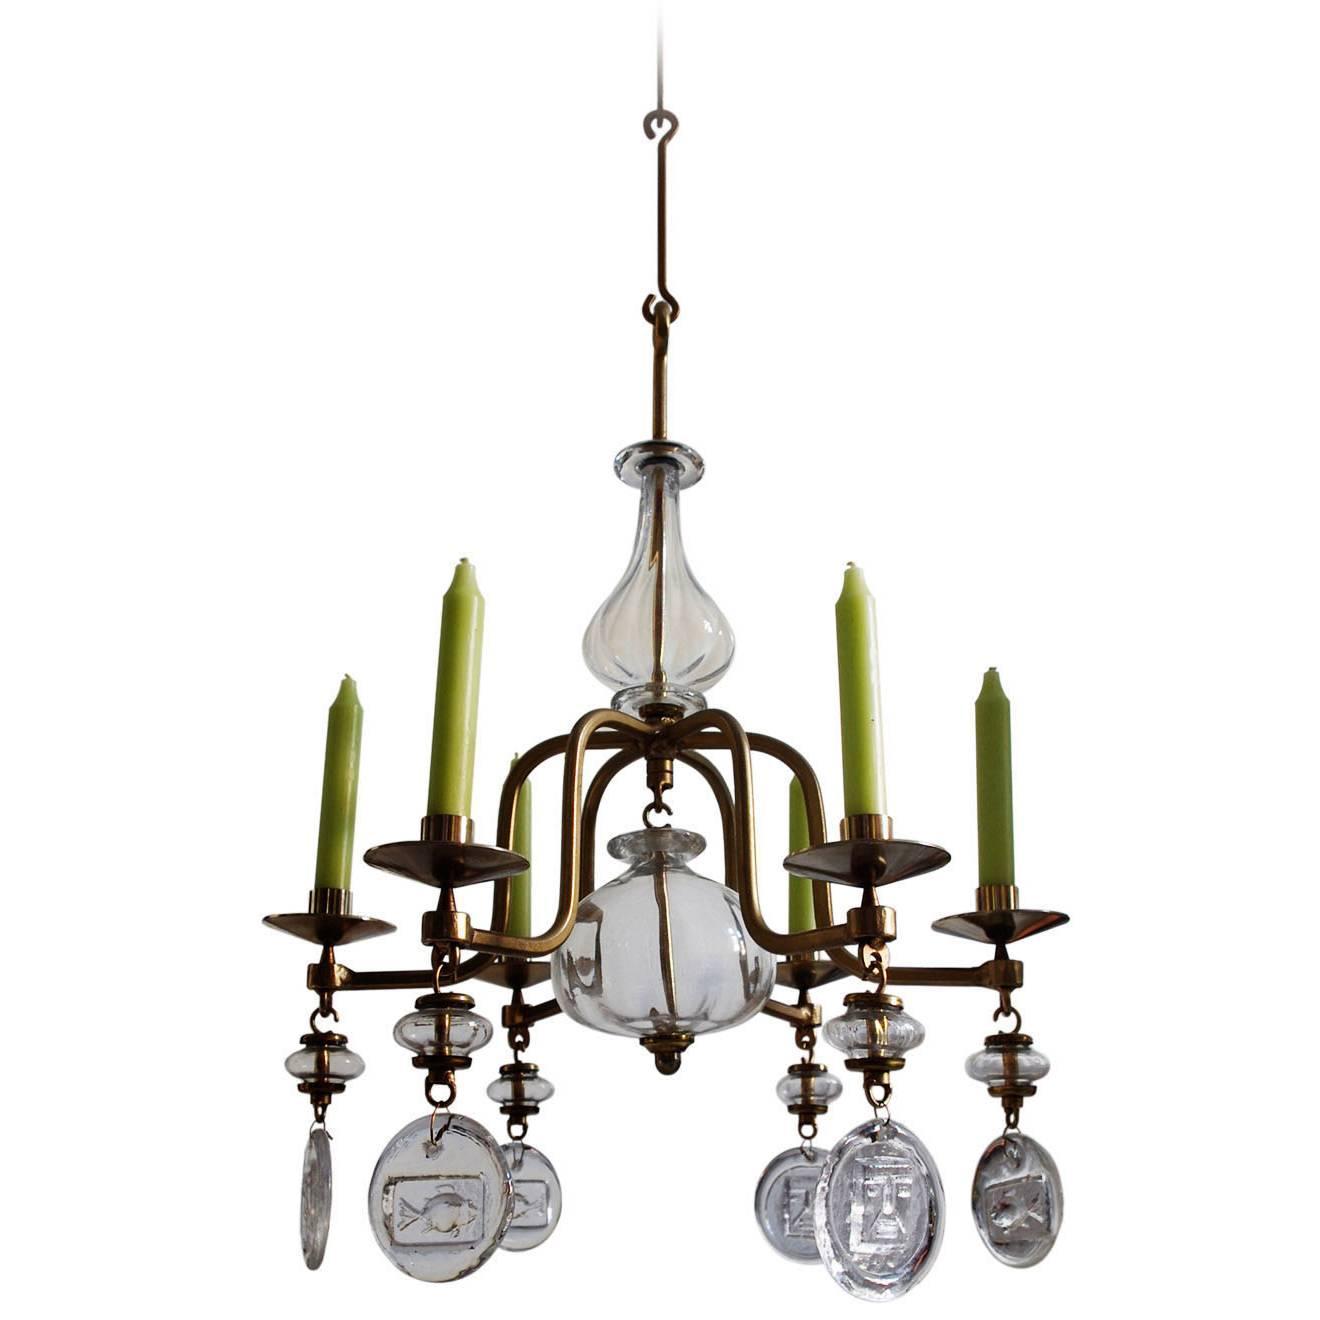 Erik hoglund art glass candelabra chandelier pendant boda sweden erik hoglund art glass candelabra chandelier pendant boda sweden 1960s for sale at 1stdibs arubaitofo Gallery